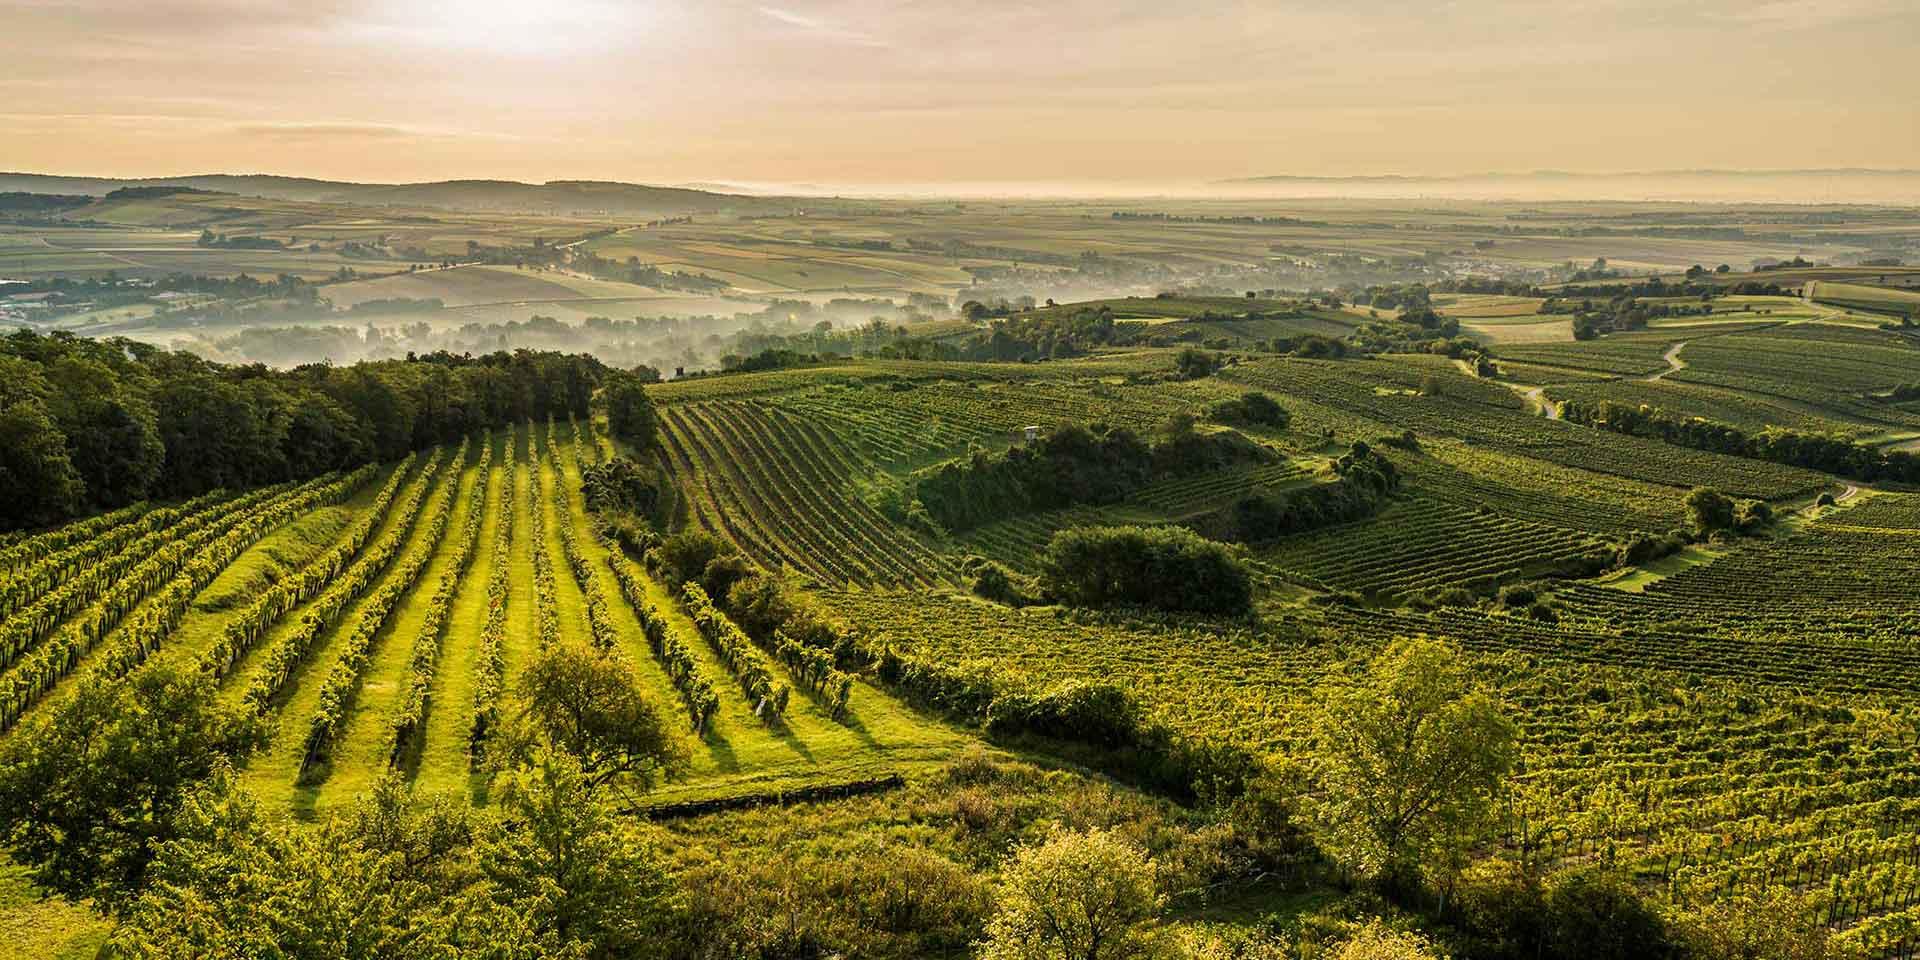 Einzigartig. Das ist das Weinbaugebiet Wagram. Der Boden ist reich an Fossilien und Mineralien. So bekommt unser Wein Charakter.